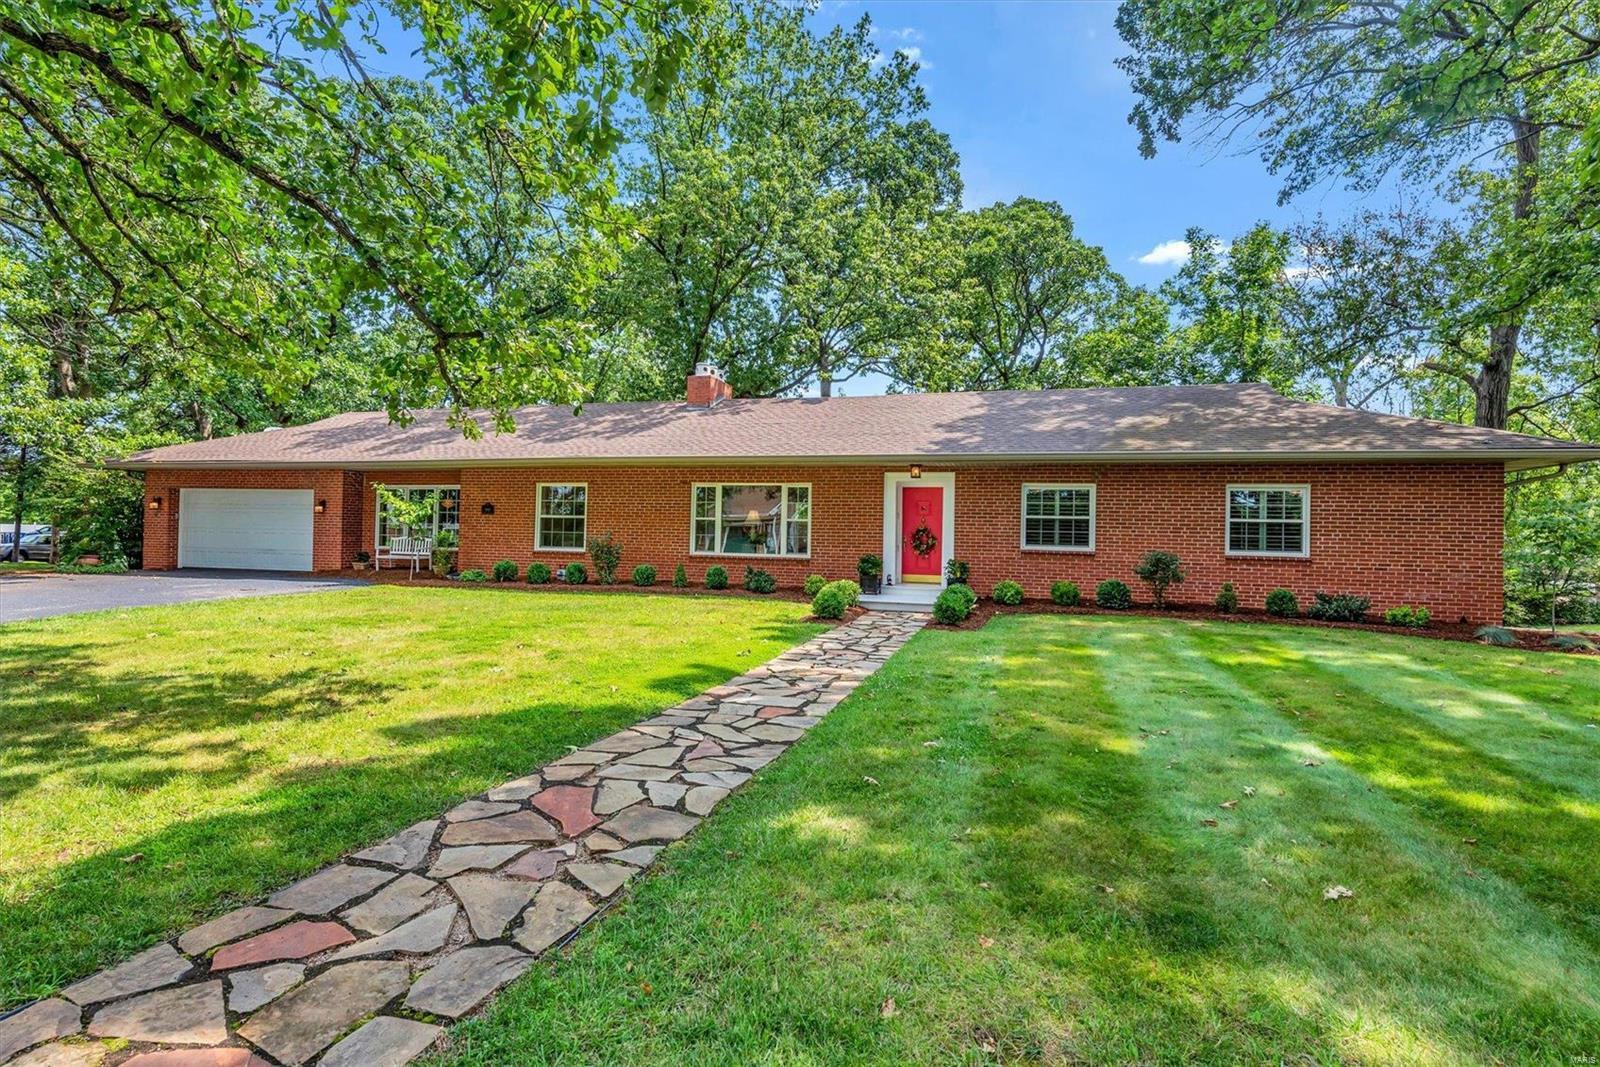 9100 Birch Tree Lane, Sunset Hills, MO 63126